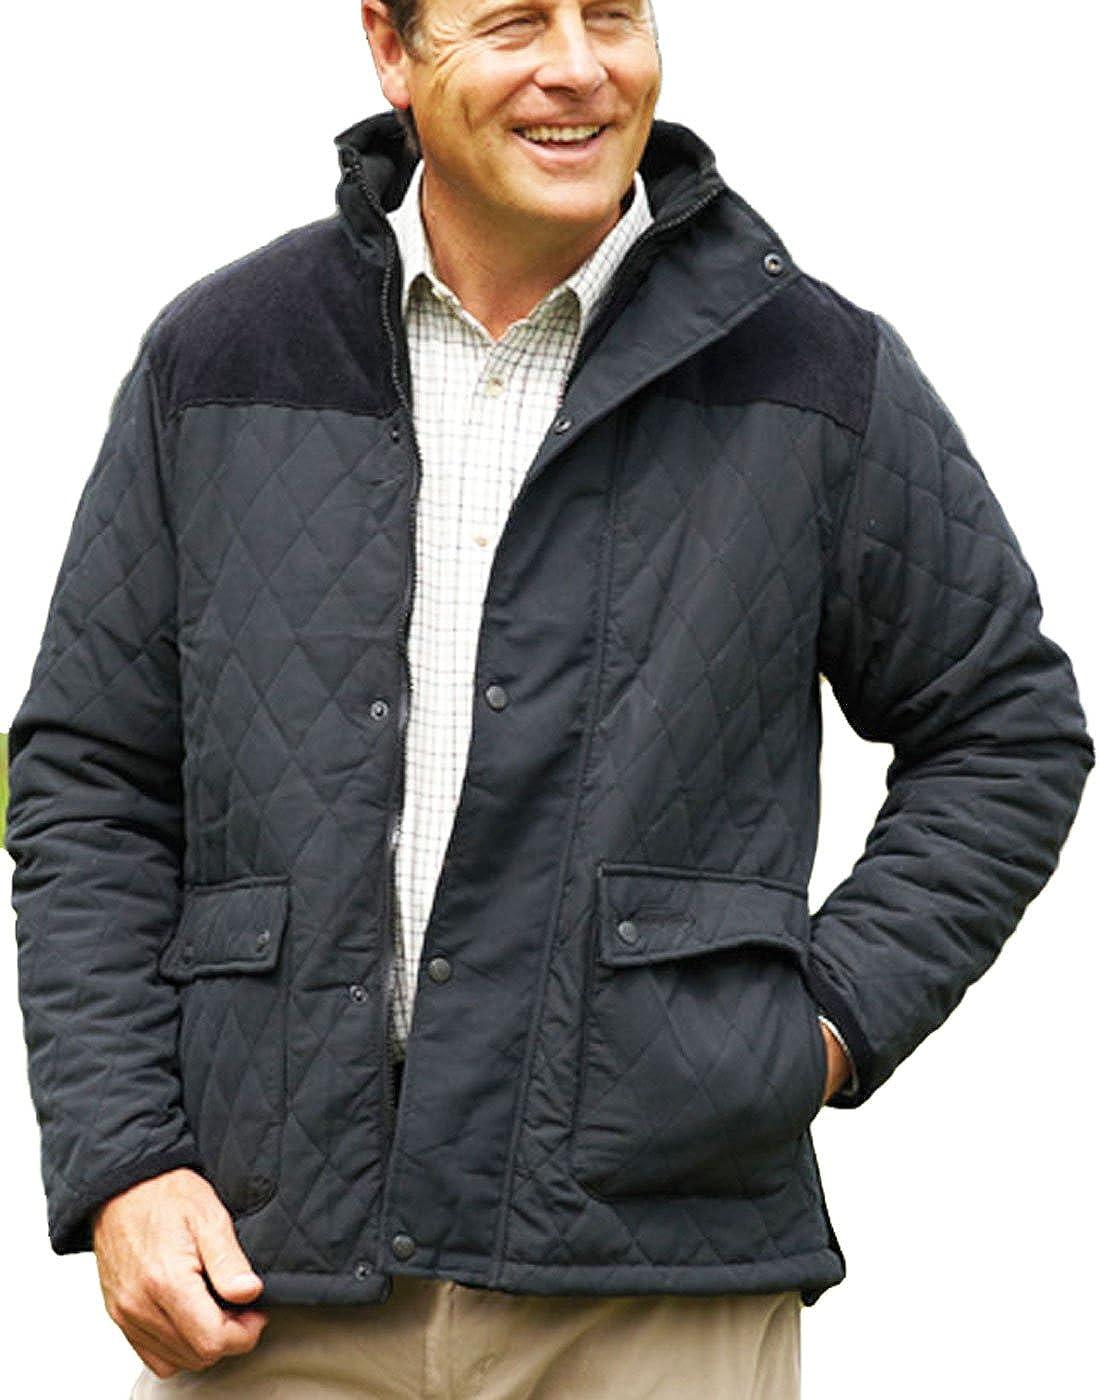 Champion Clothing – Messieurs Lewis Country Estate Britannique Traditionnelle Habillement Manteau Chaud Losange Veste matelassée Velours côtelé